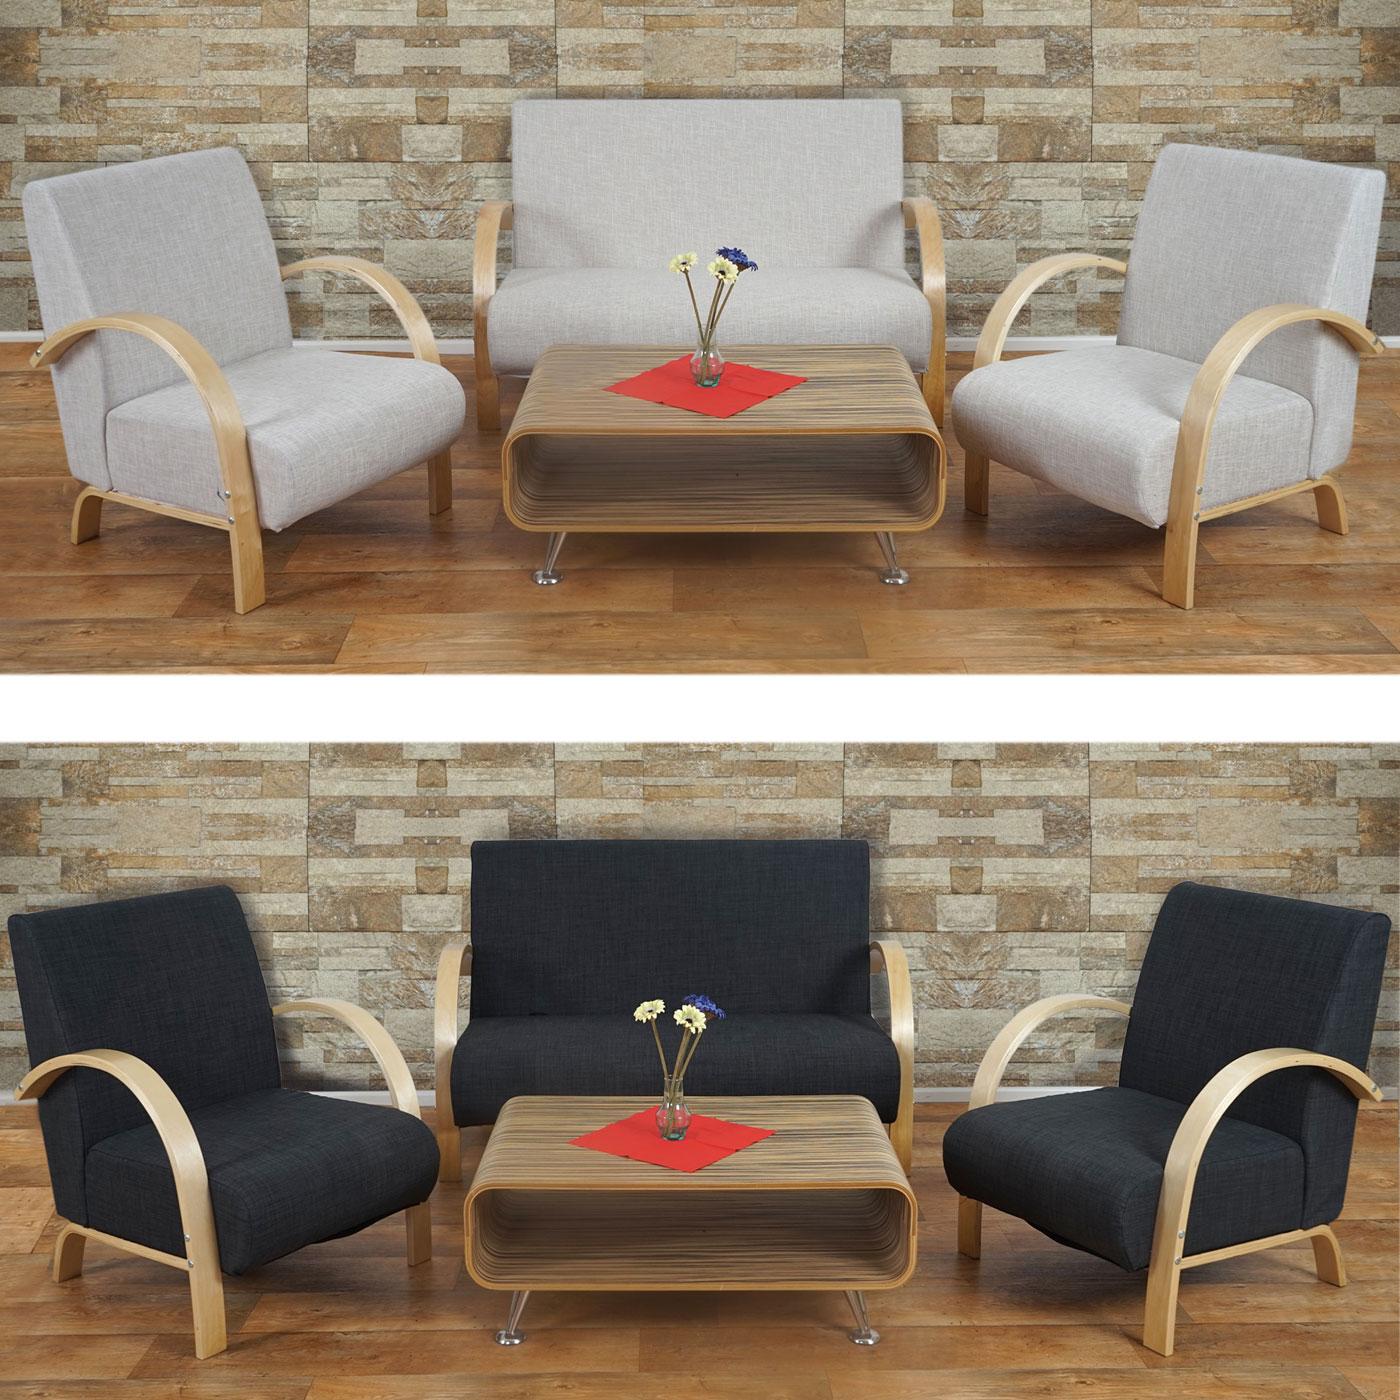 sofas sitzh he 50 cm preisvergleiche erfahrungsberichte und kauf bei nextag. Black Bedroom Furniture Sets. Home Design Ideas